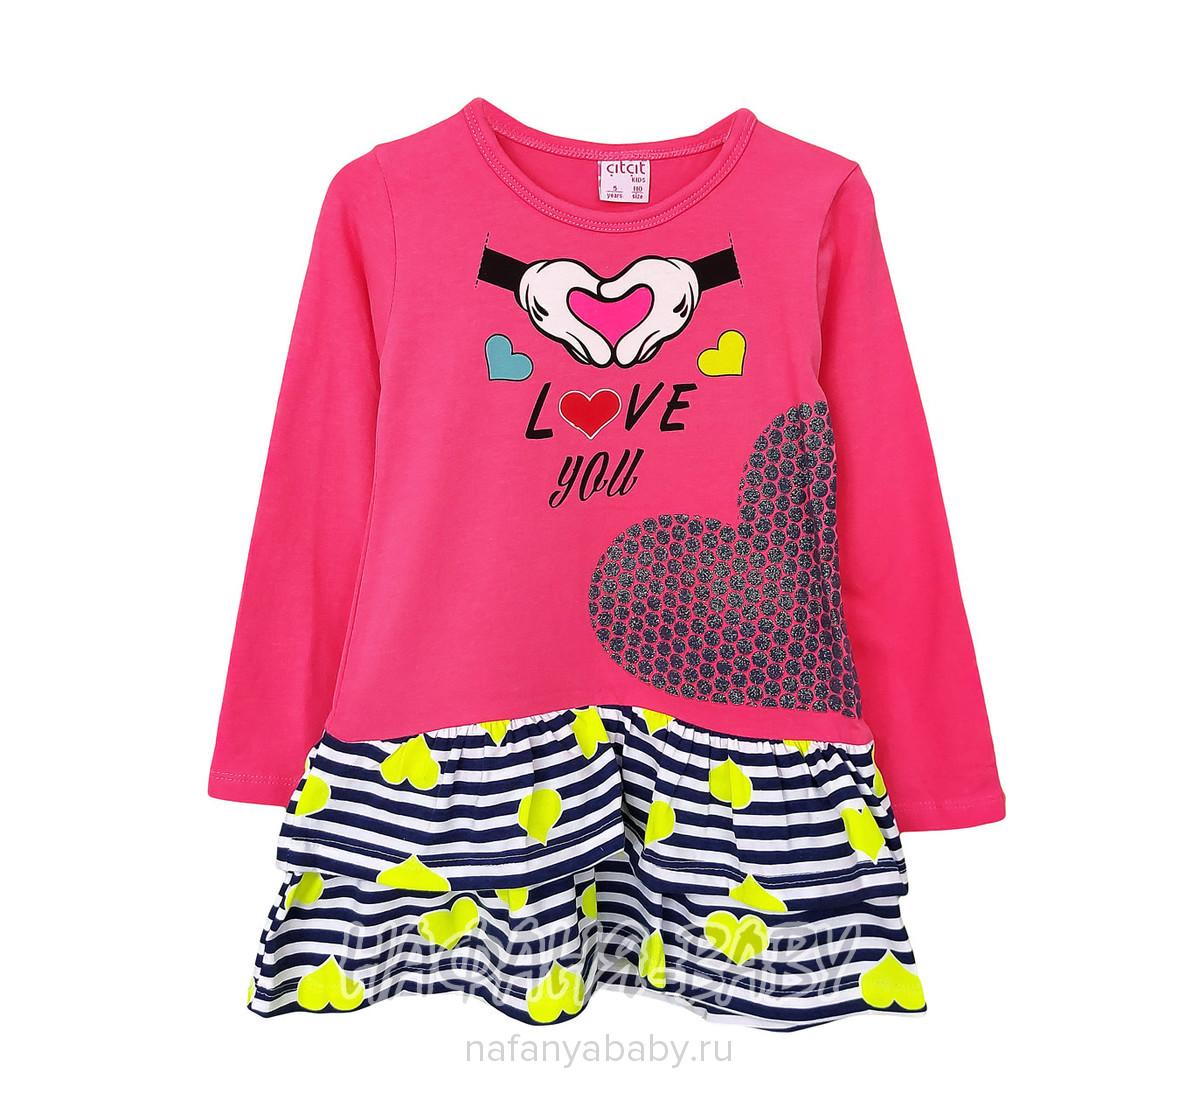 Детское трикотажное платье-туника Cit-Cit арт: 3595, 5-9 лет, 1-4 года, цвет розовый, оптом Турция